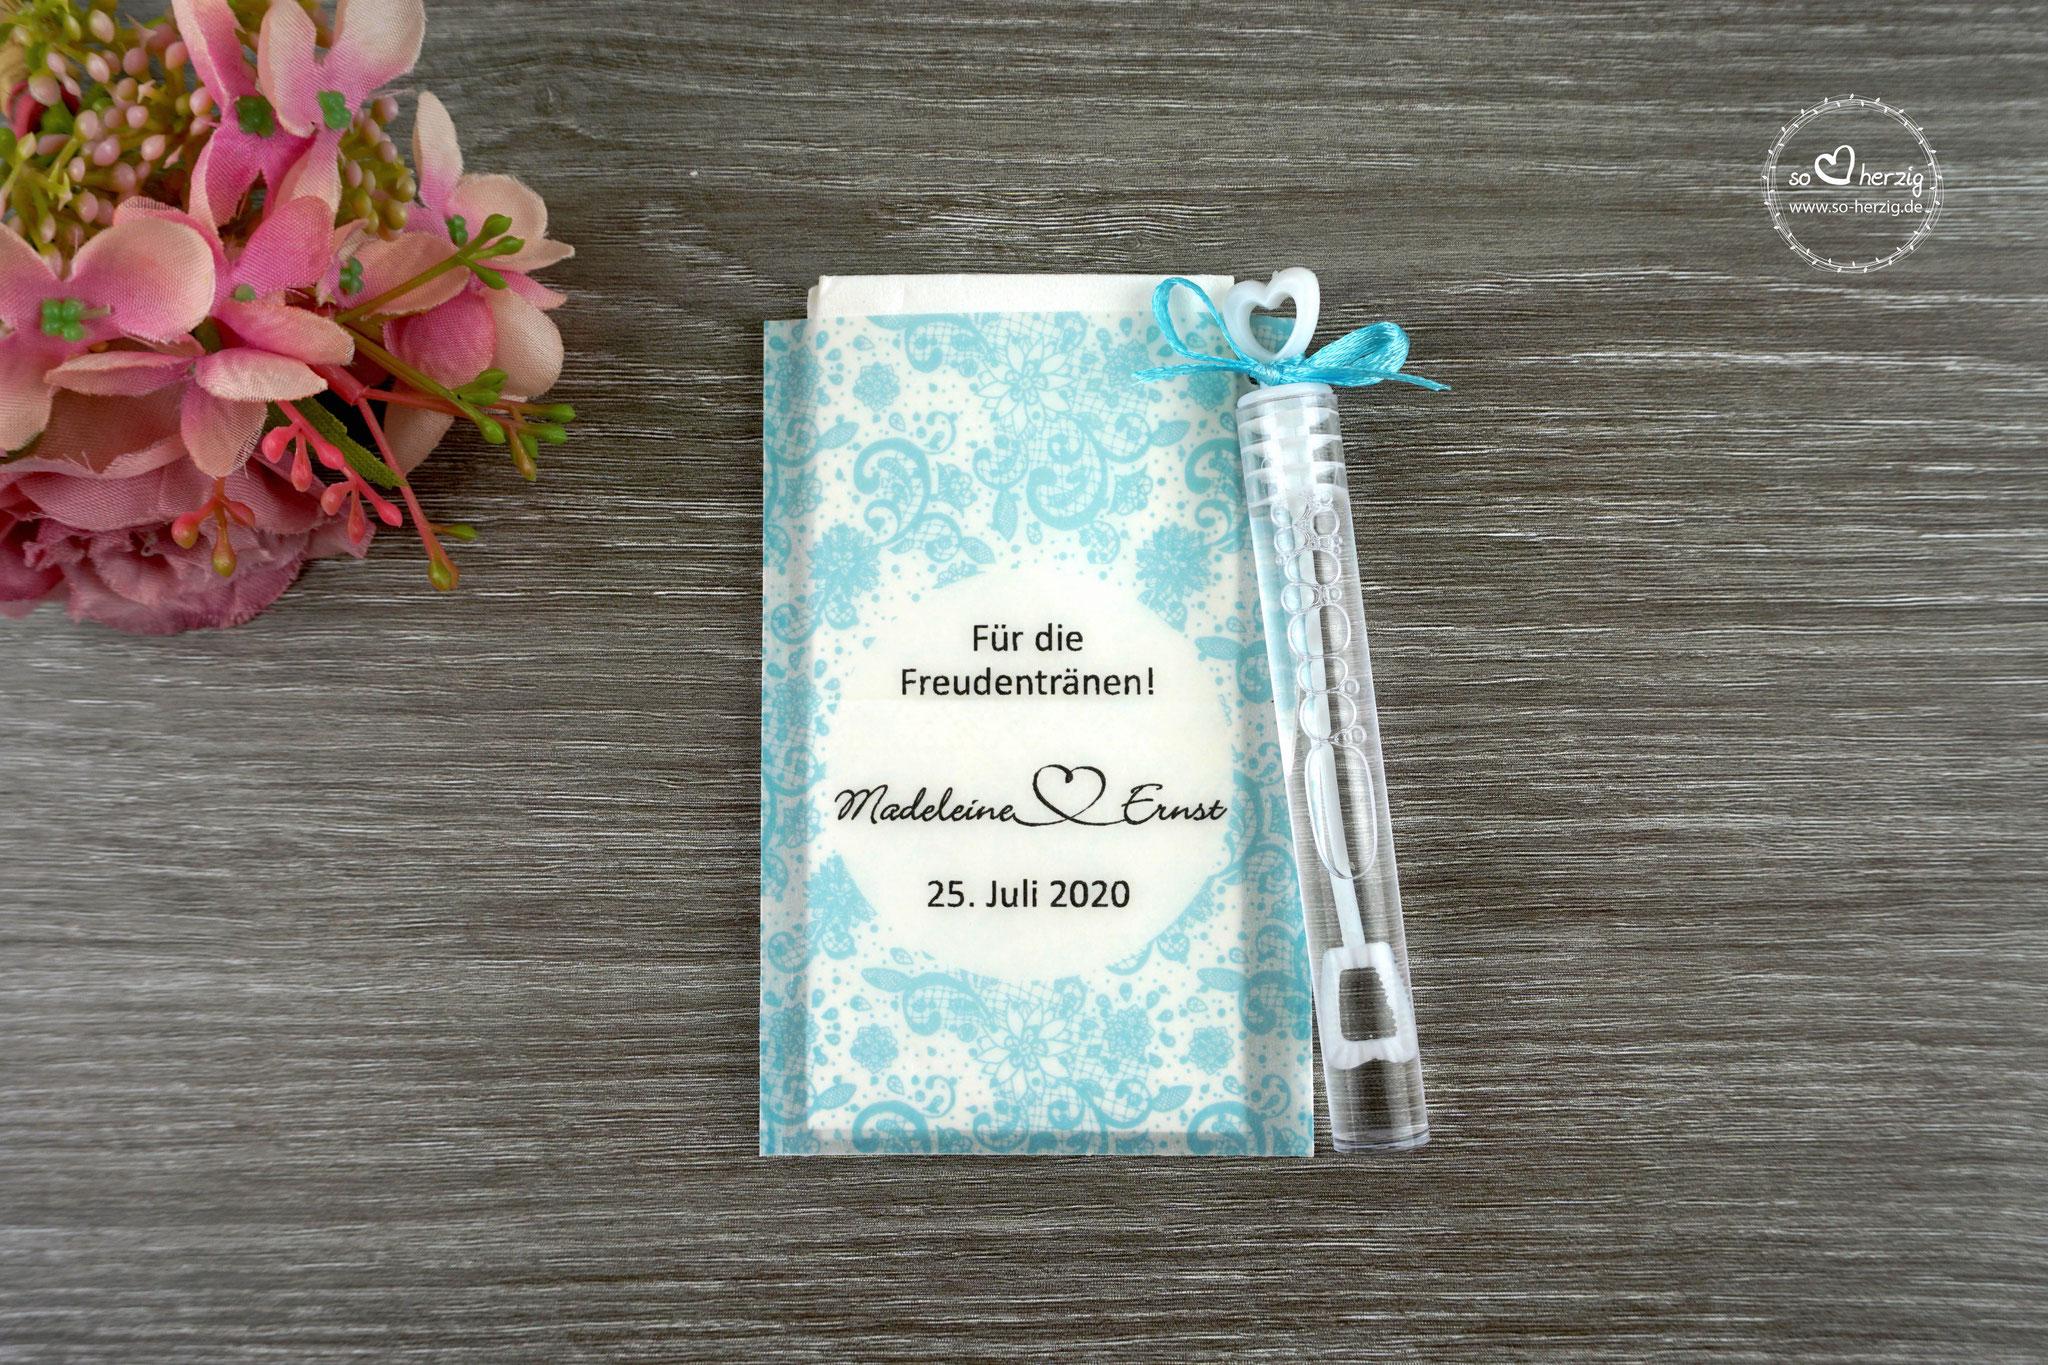 Freudentränen Taschentücher mit Seifenblasen, Design Spitze Vintage, Farbe türkis hell, Satinband